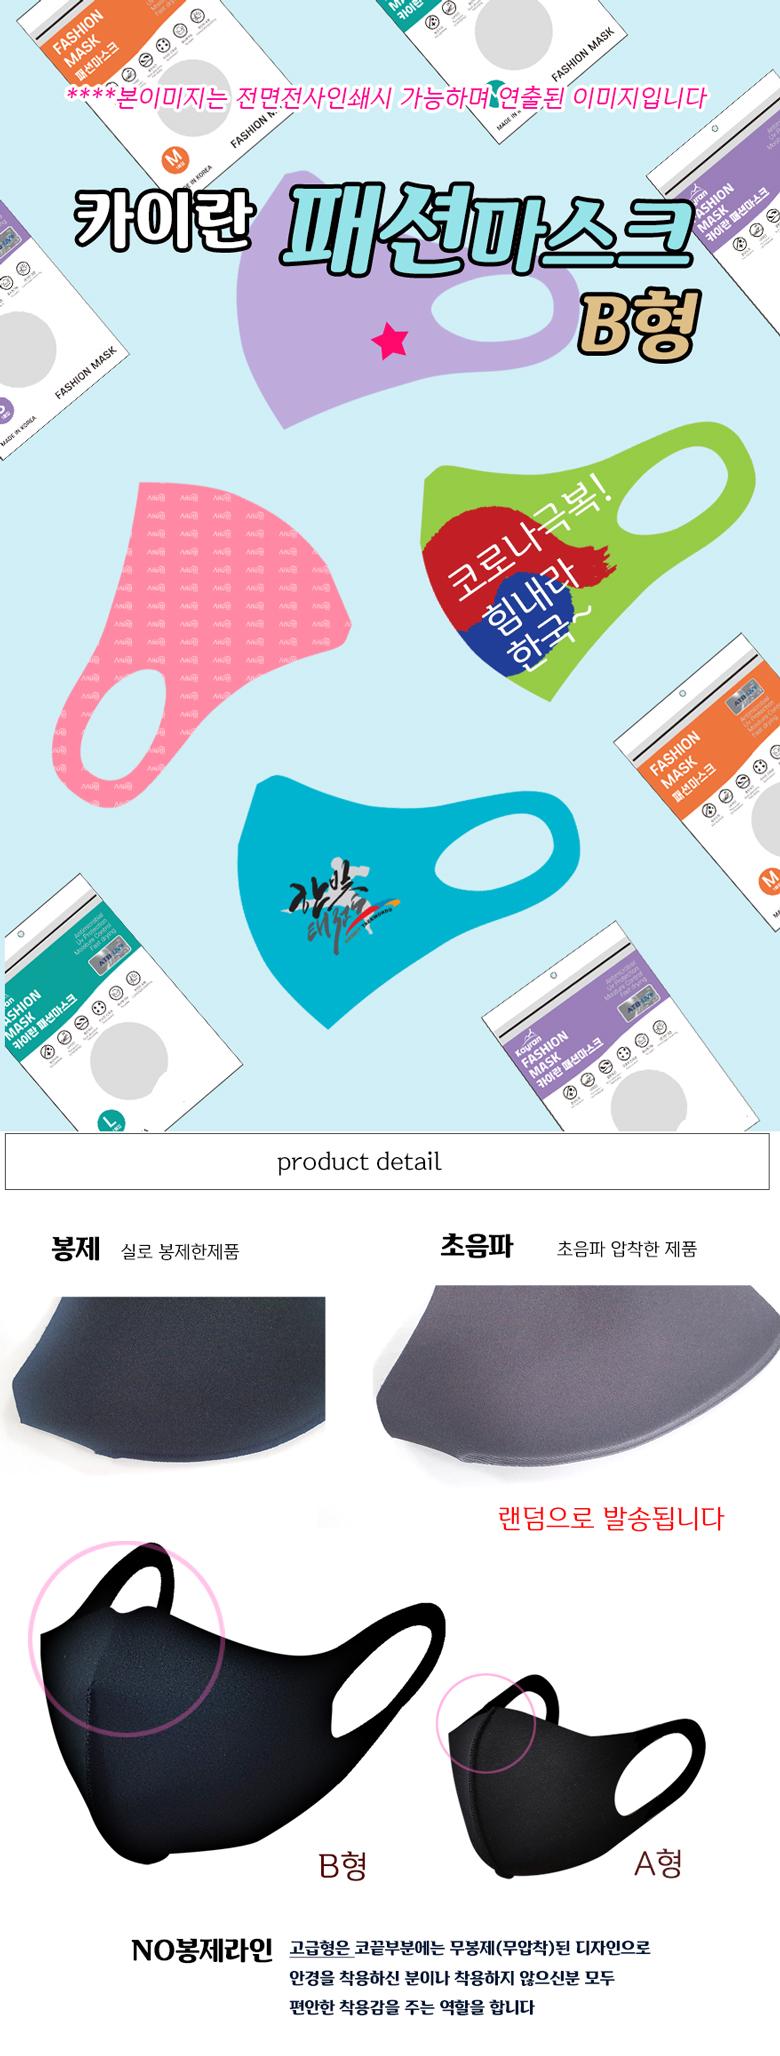 20_New_mask_korea_detail_01.jpg